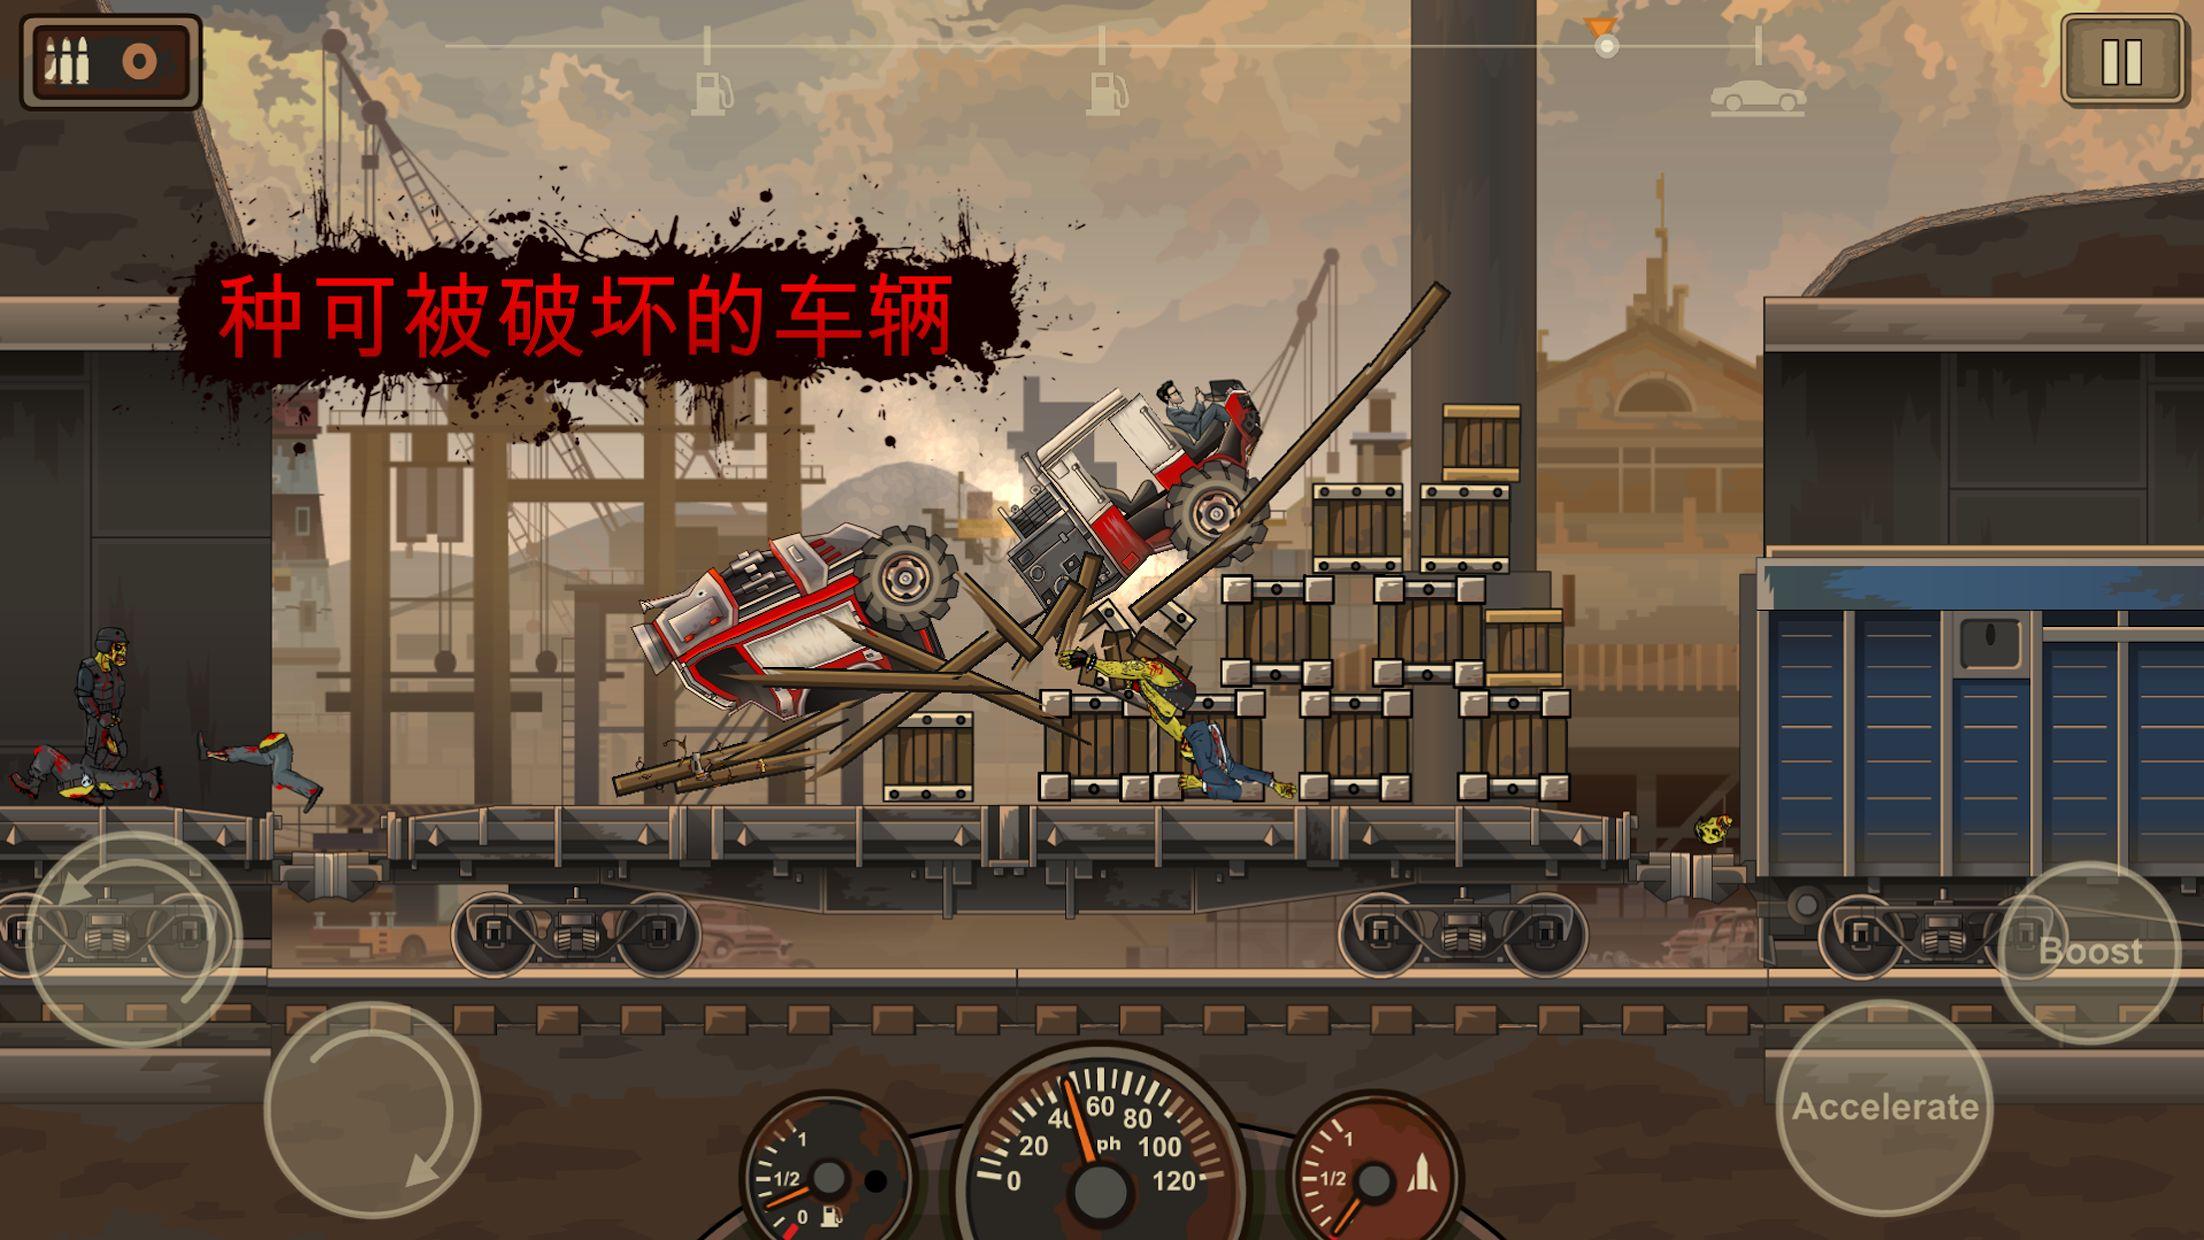 战车撞僵尸2 (Earn to Die 2) 游戏截图3